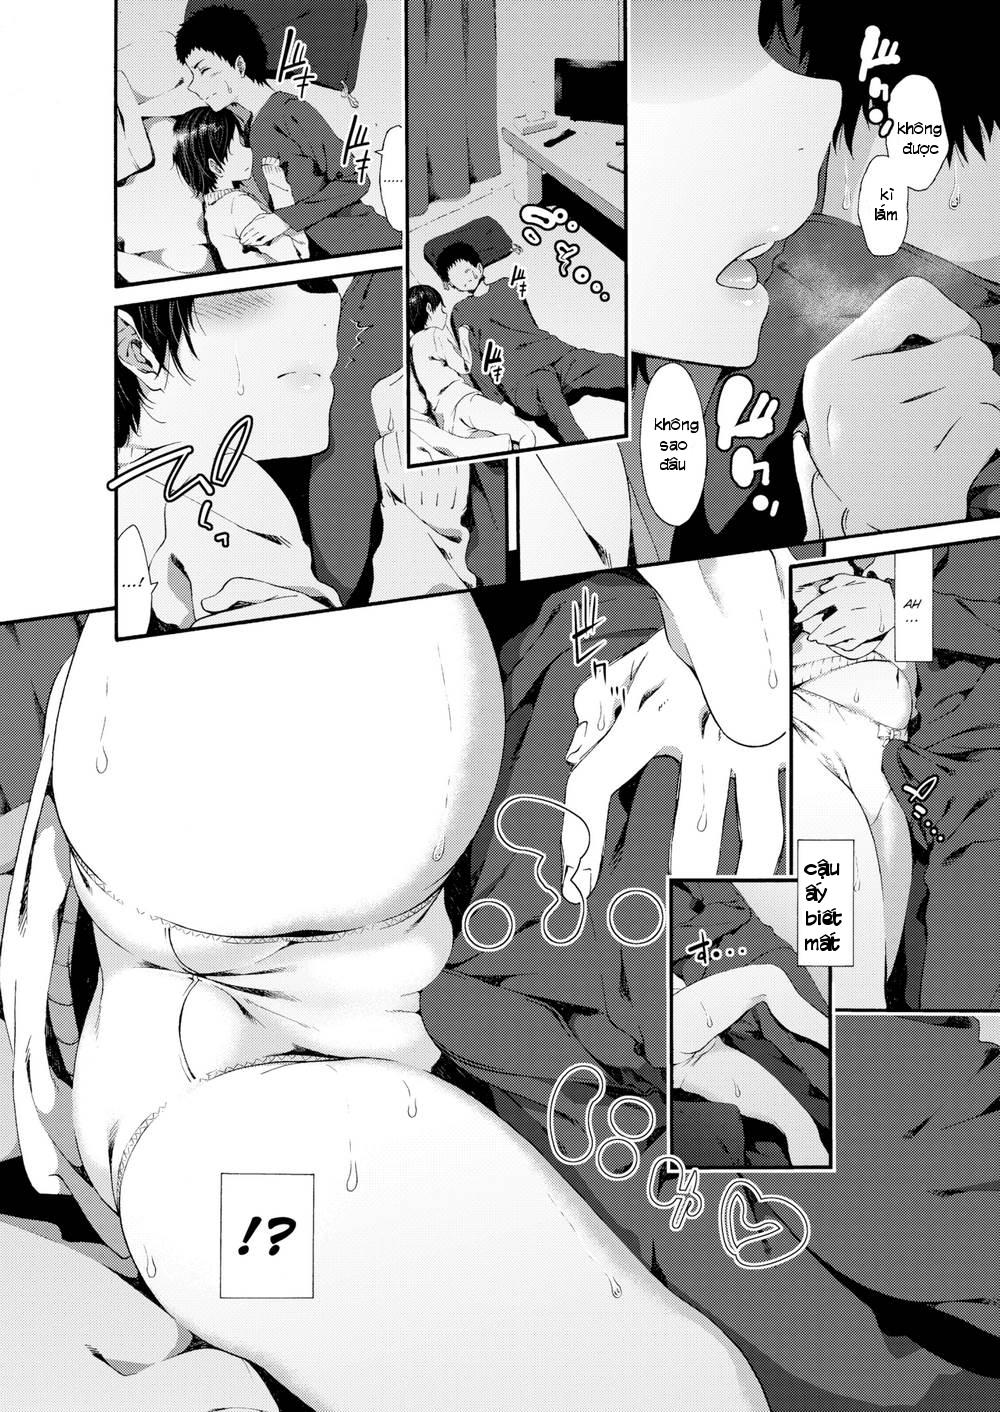 Hình ảnh  trong bài viết Truyện hentai Runaway Kitty